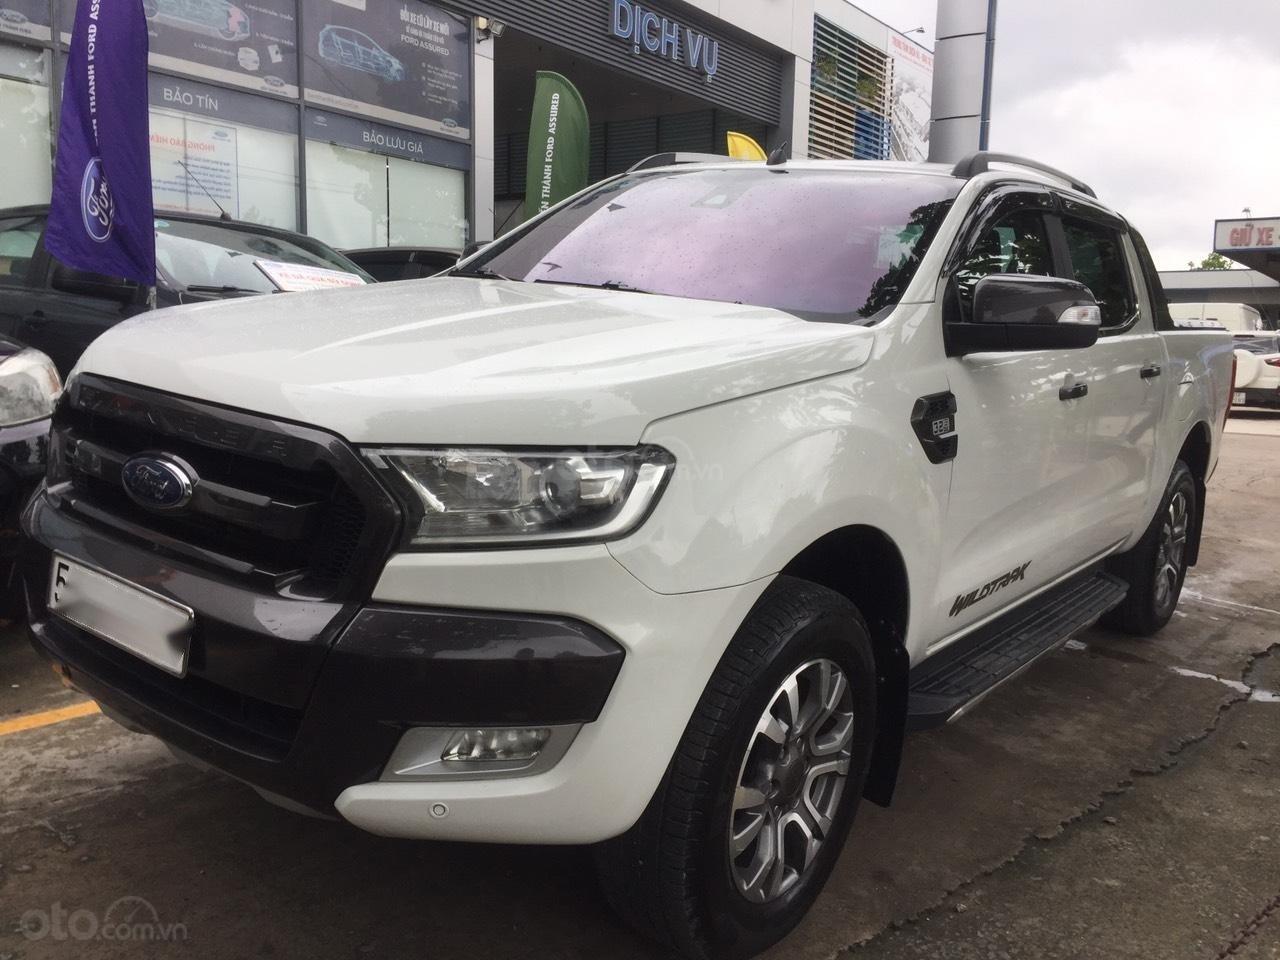 Ford Ranger Wildtrak 3.2 2015, màu trắng - Vay 70% - nhập khẩu Thái - Bảo hành 1 năm (1)